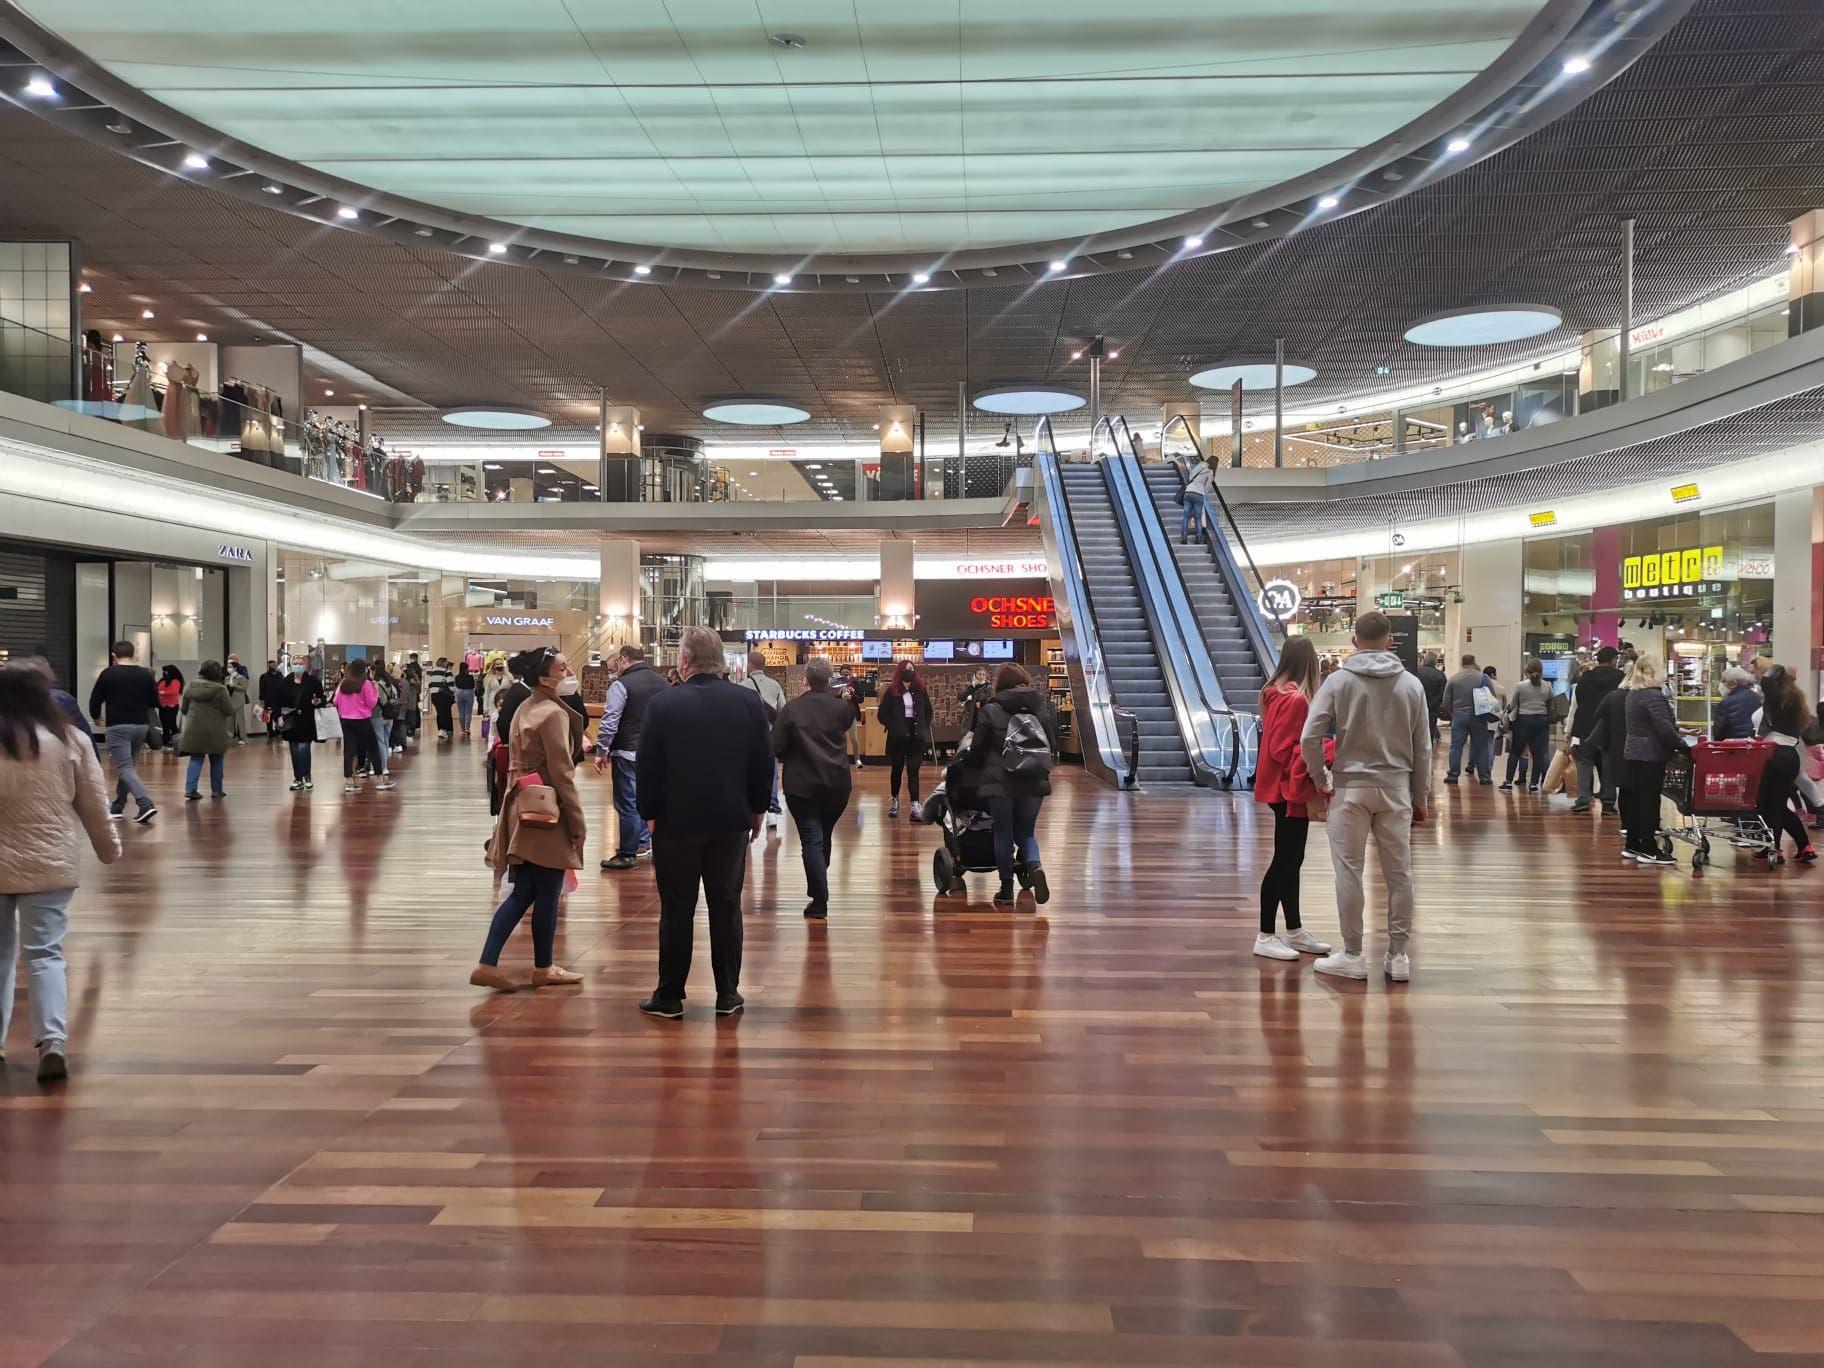 Das Shoppi Tivoli ist bereits eine Stunde nach der Eröffnung gut besucht.